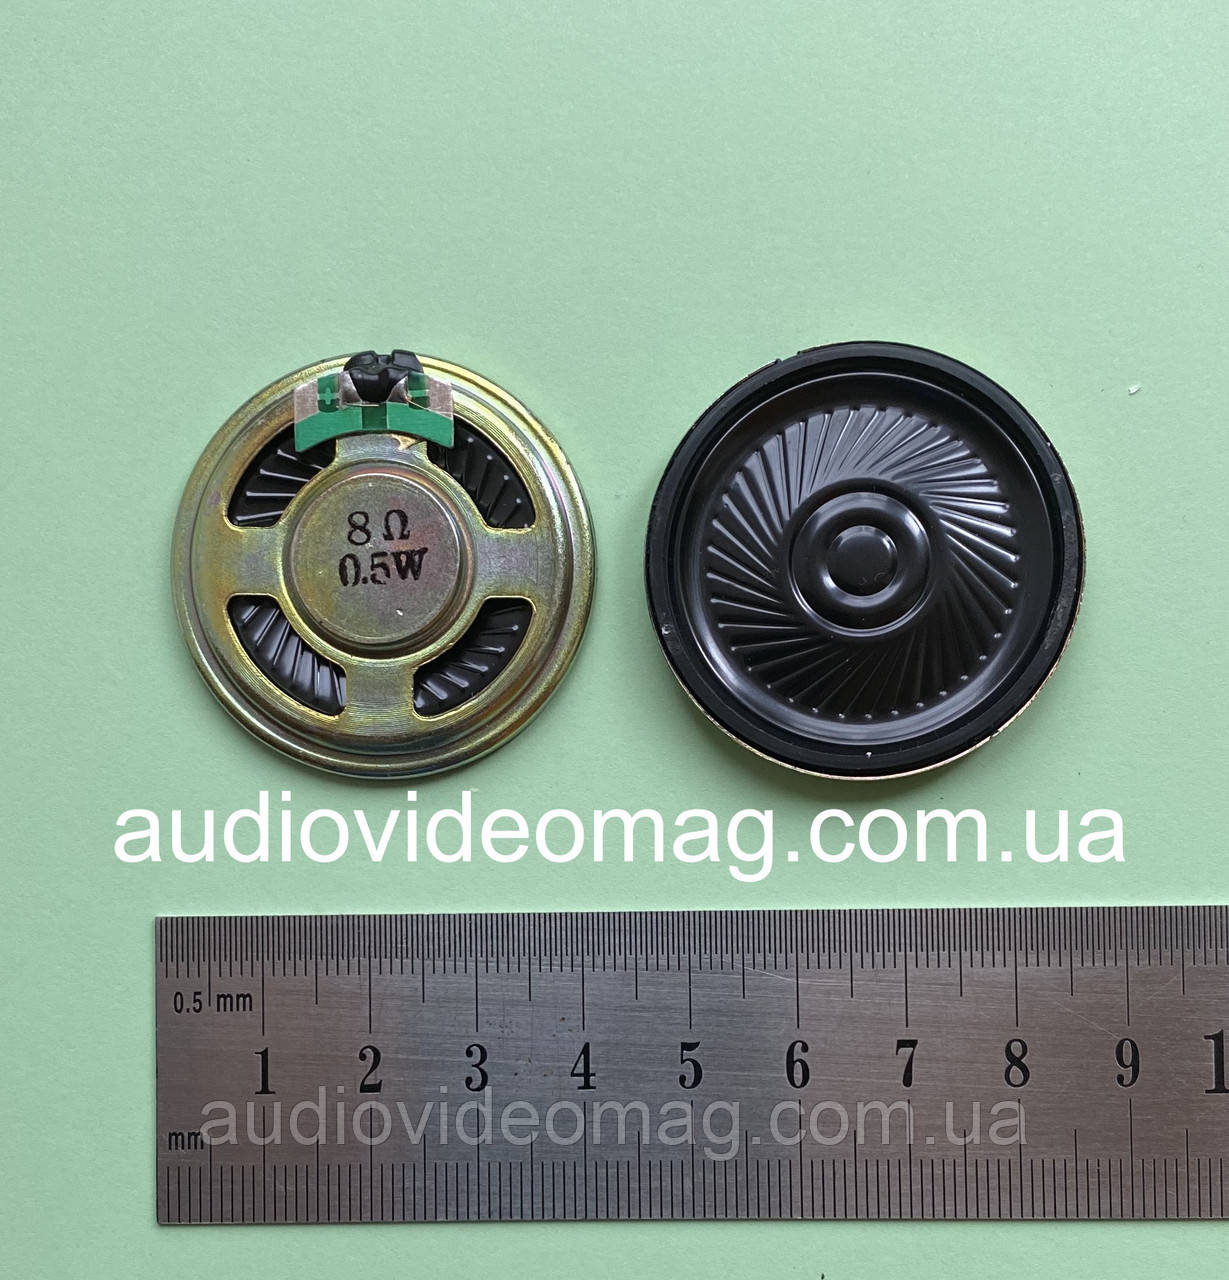 Динамік, опір Ω 8 Ом, 0.5 Вт, діаметр 36 мм, металевий корпус